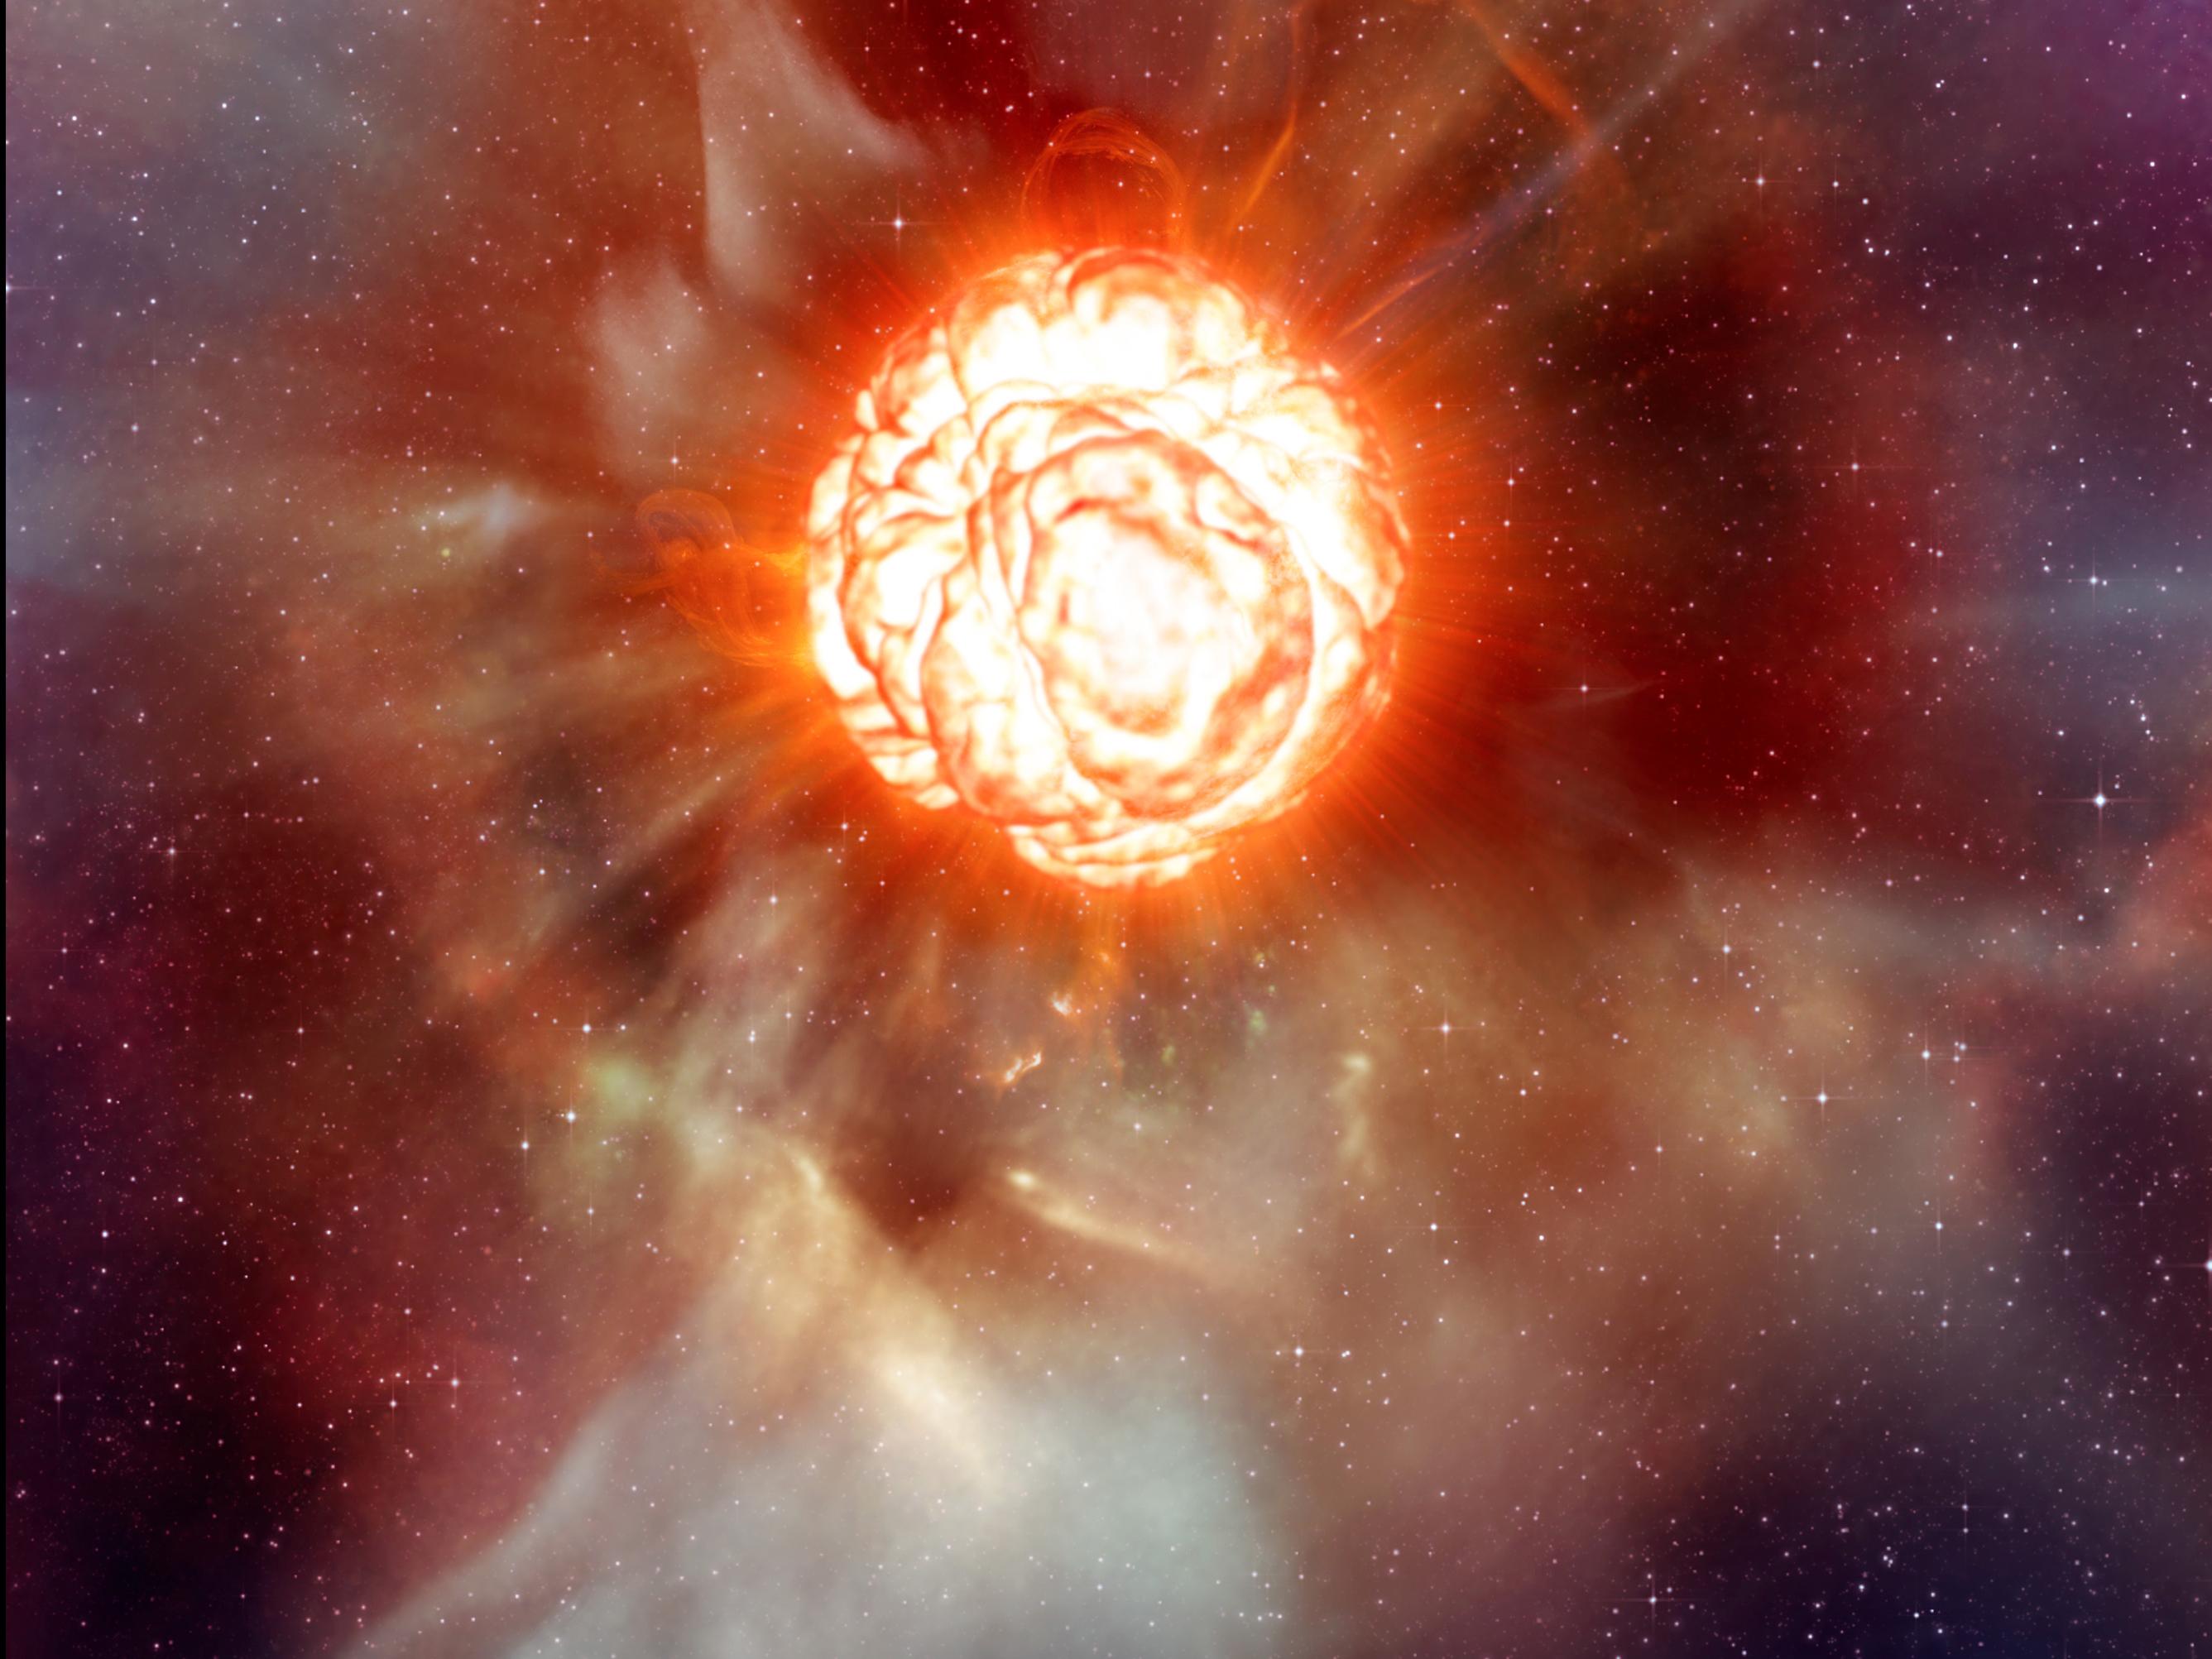 نهاية العالم .. علماء الفلك يحددون موعد وكيفية موت الشمس واندثار الكرة الأرضية بمن فيها